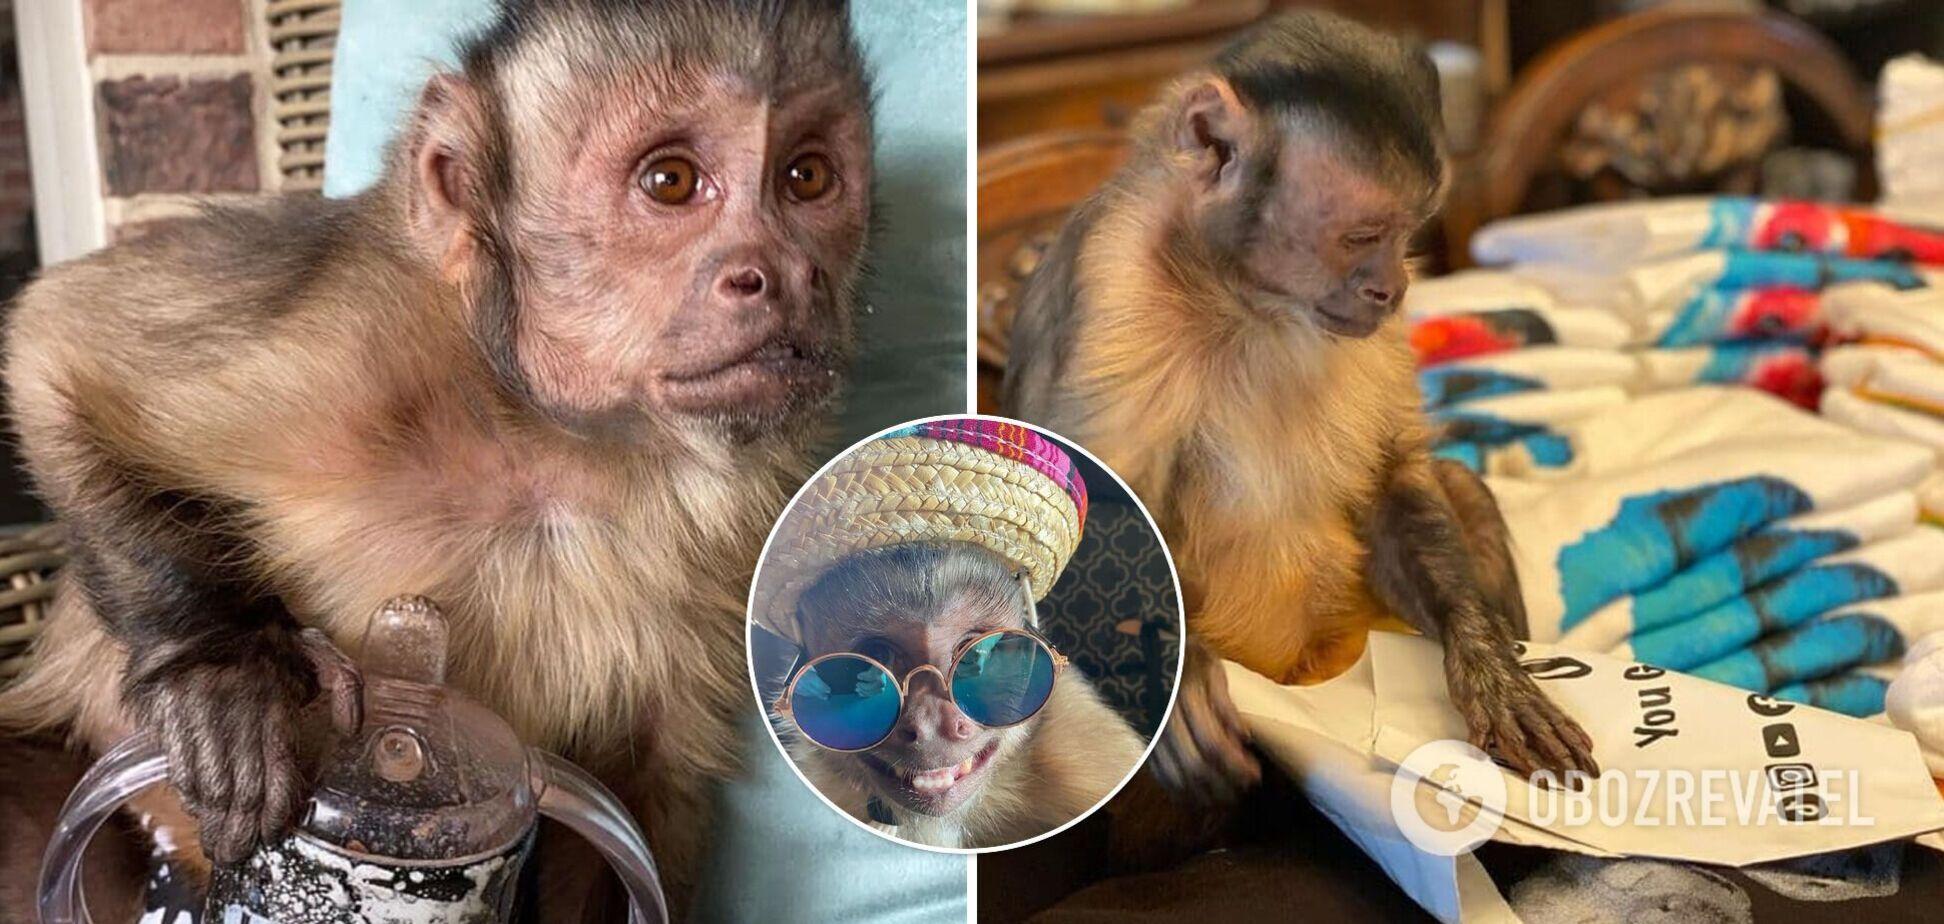 Умерла известная обезьяна с 17 млн подписчиков в TikTok: чем она знаменита